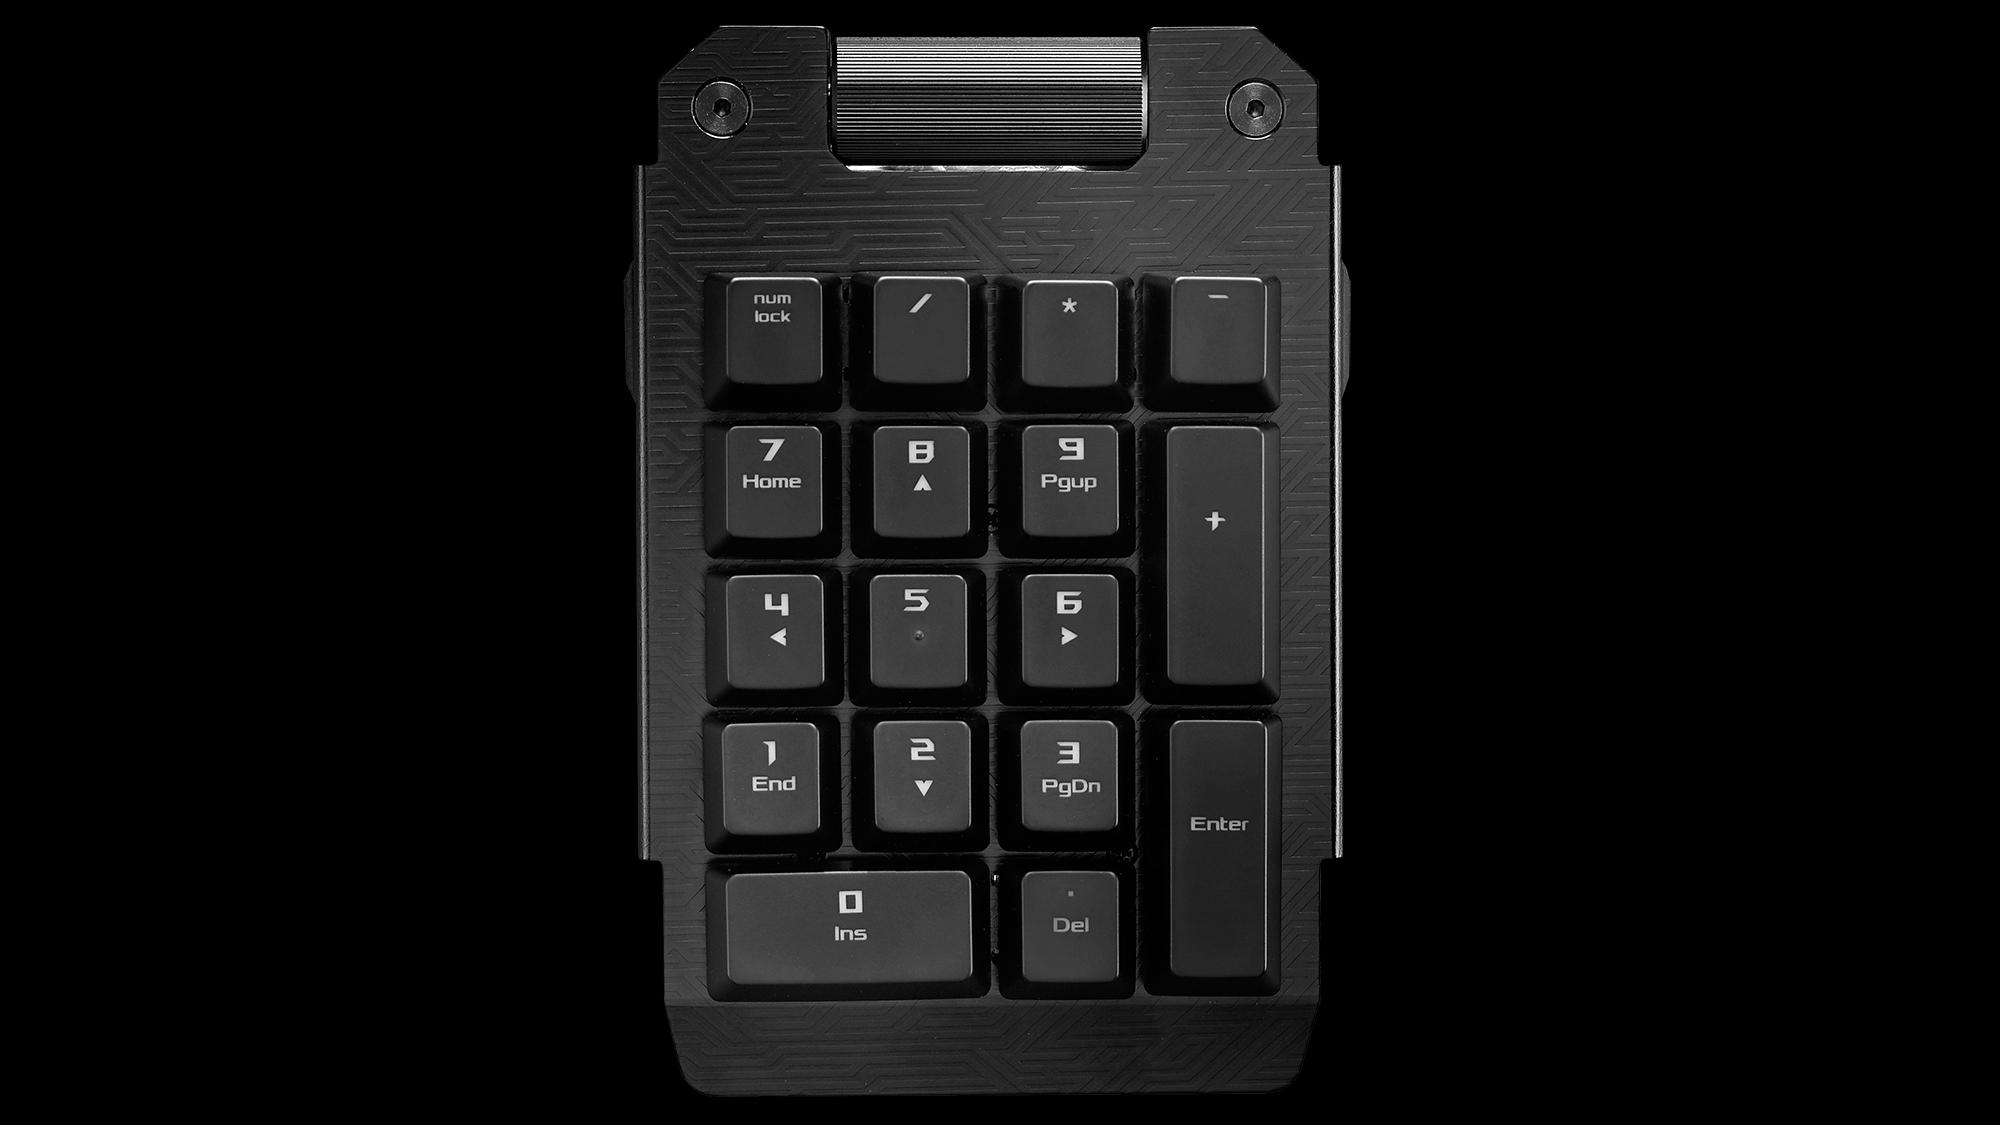 Teclado numérico destacável? Essa é a promessa do novo teclado gamer da ROG